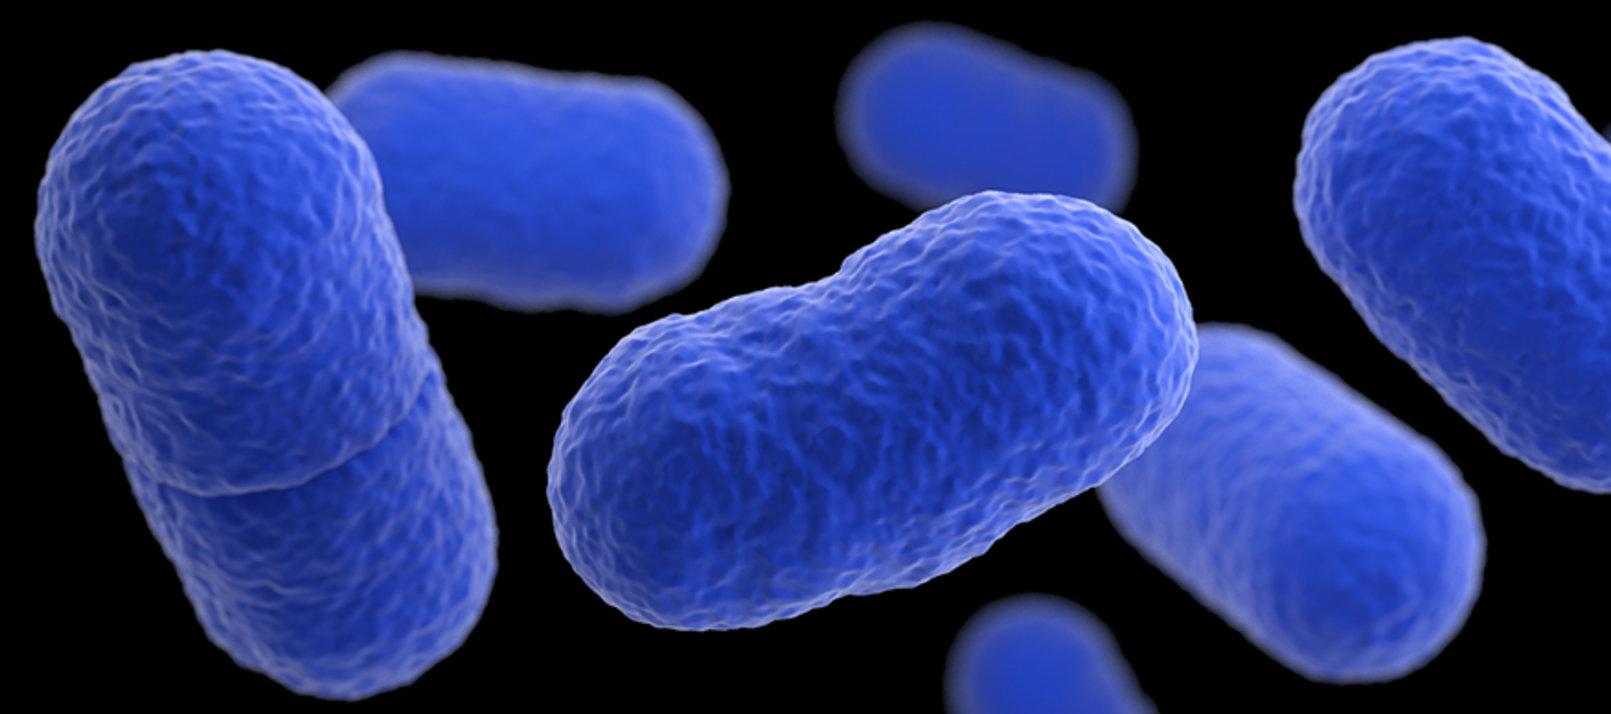 Alertan del incremento en España de los casos de Listeria, la bacteria más letal de los alimentos...